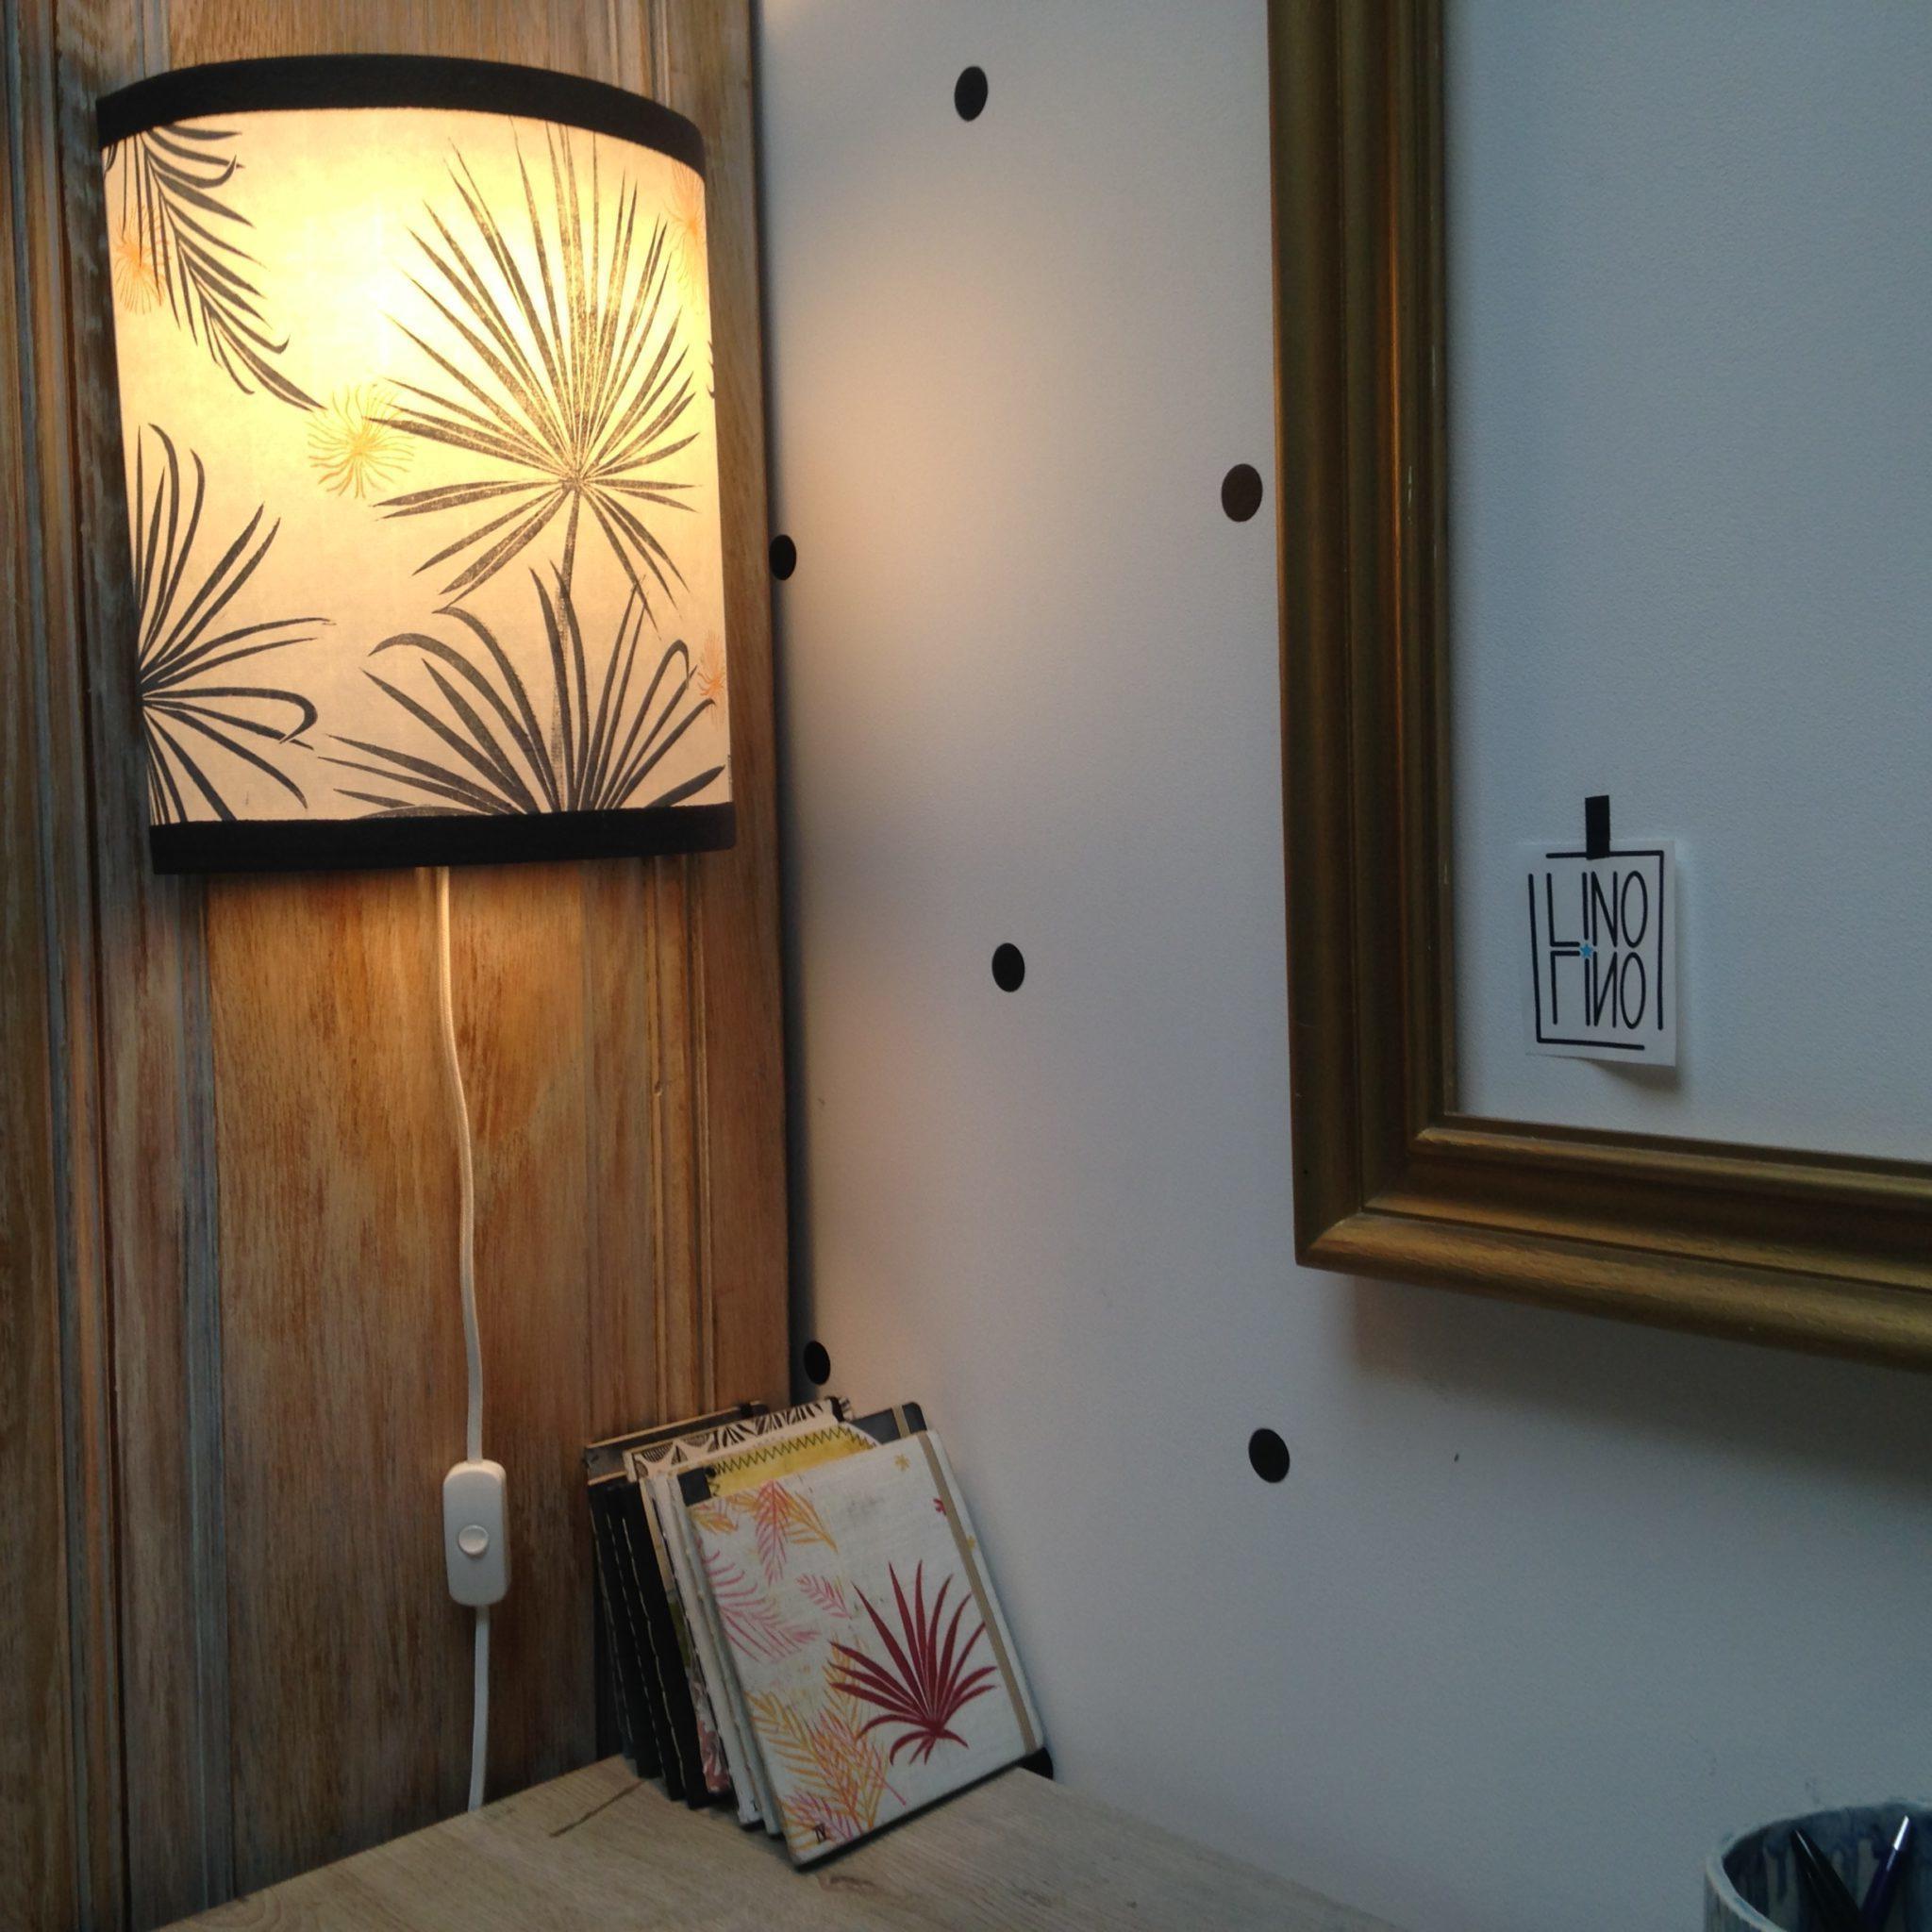 LinoLino | Linogravure et créations à partir d'impressions artisanales | Chambéry, France | Lampes | Applique nomade grand modèle, Paradis tropical